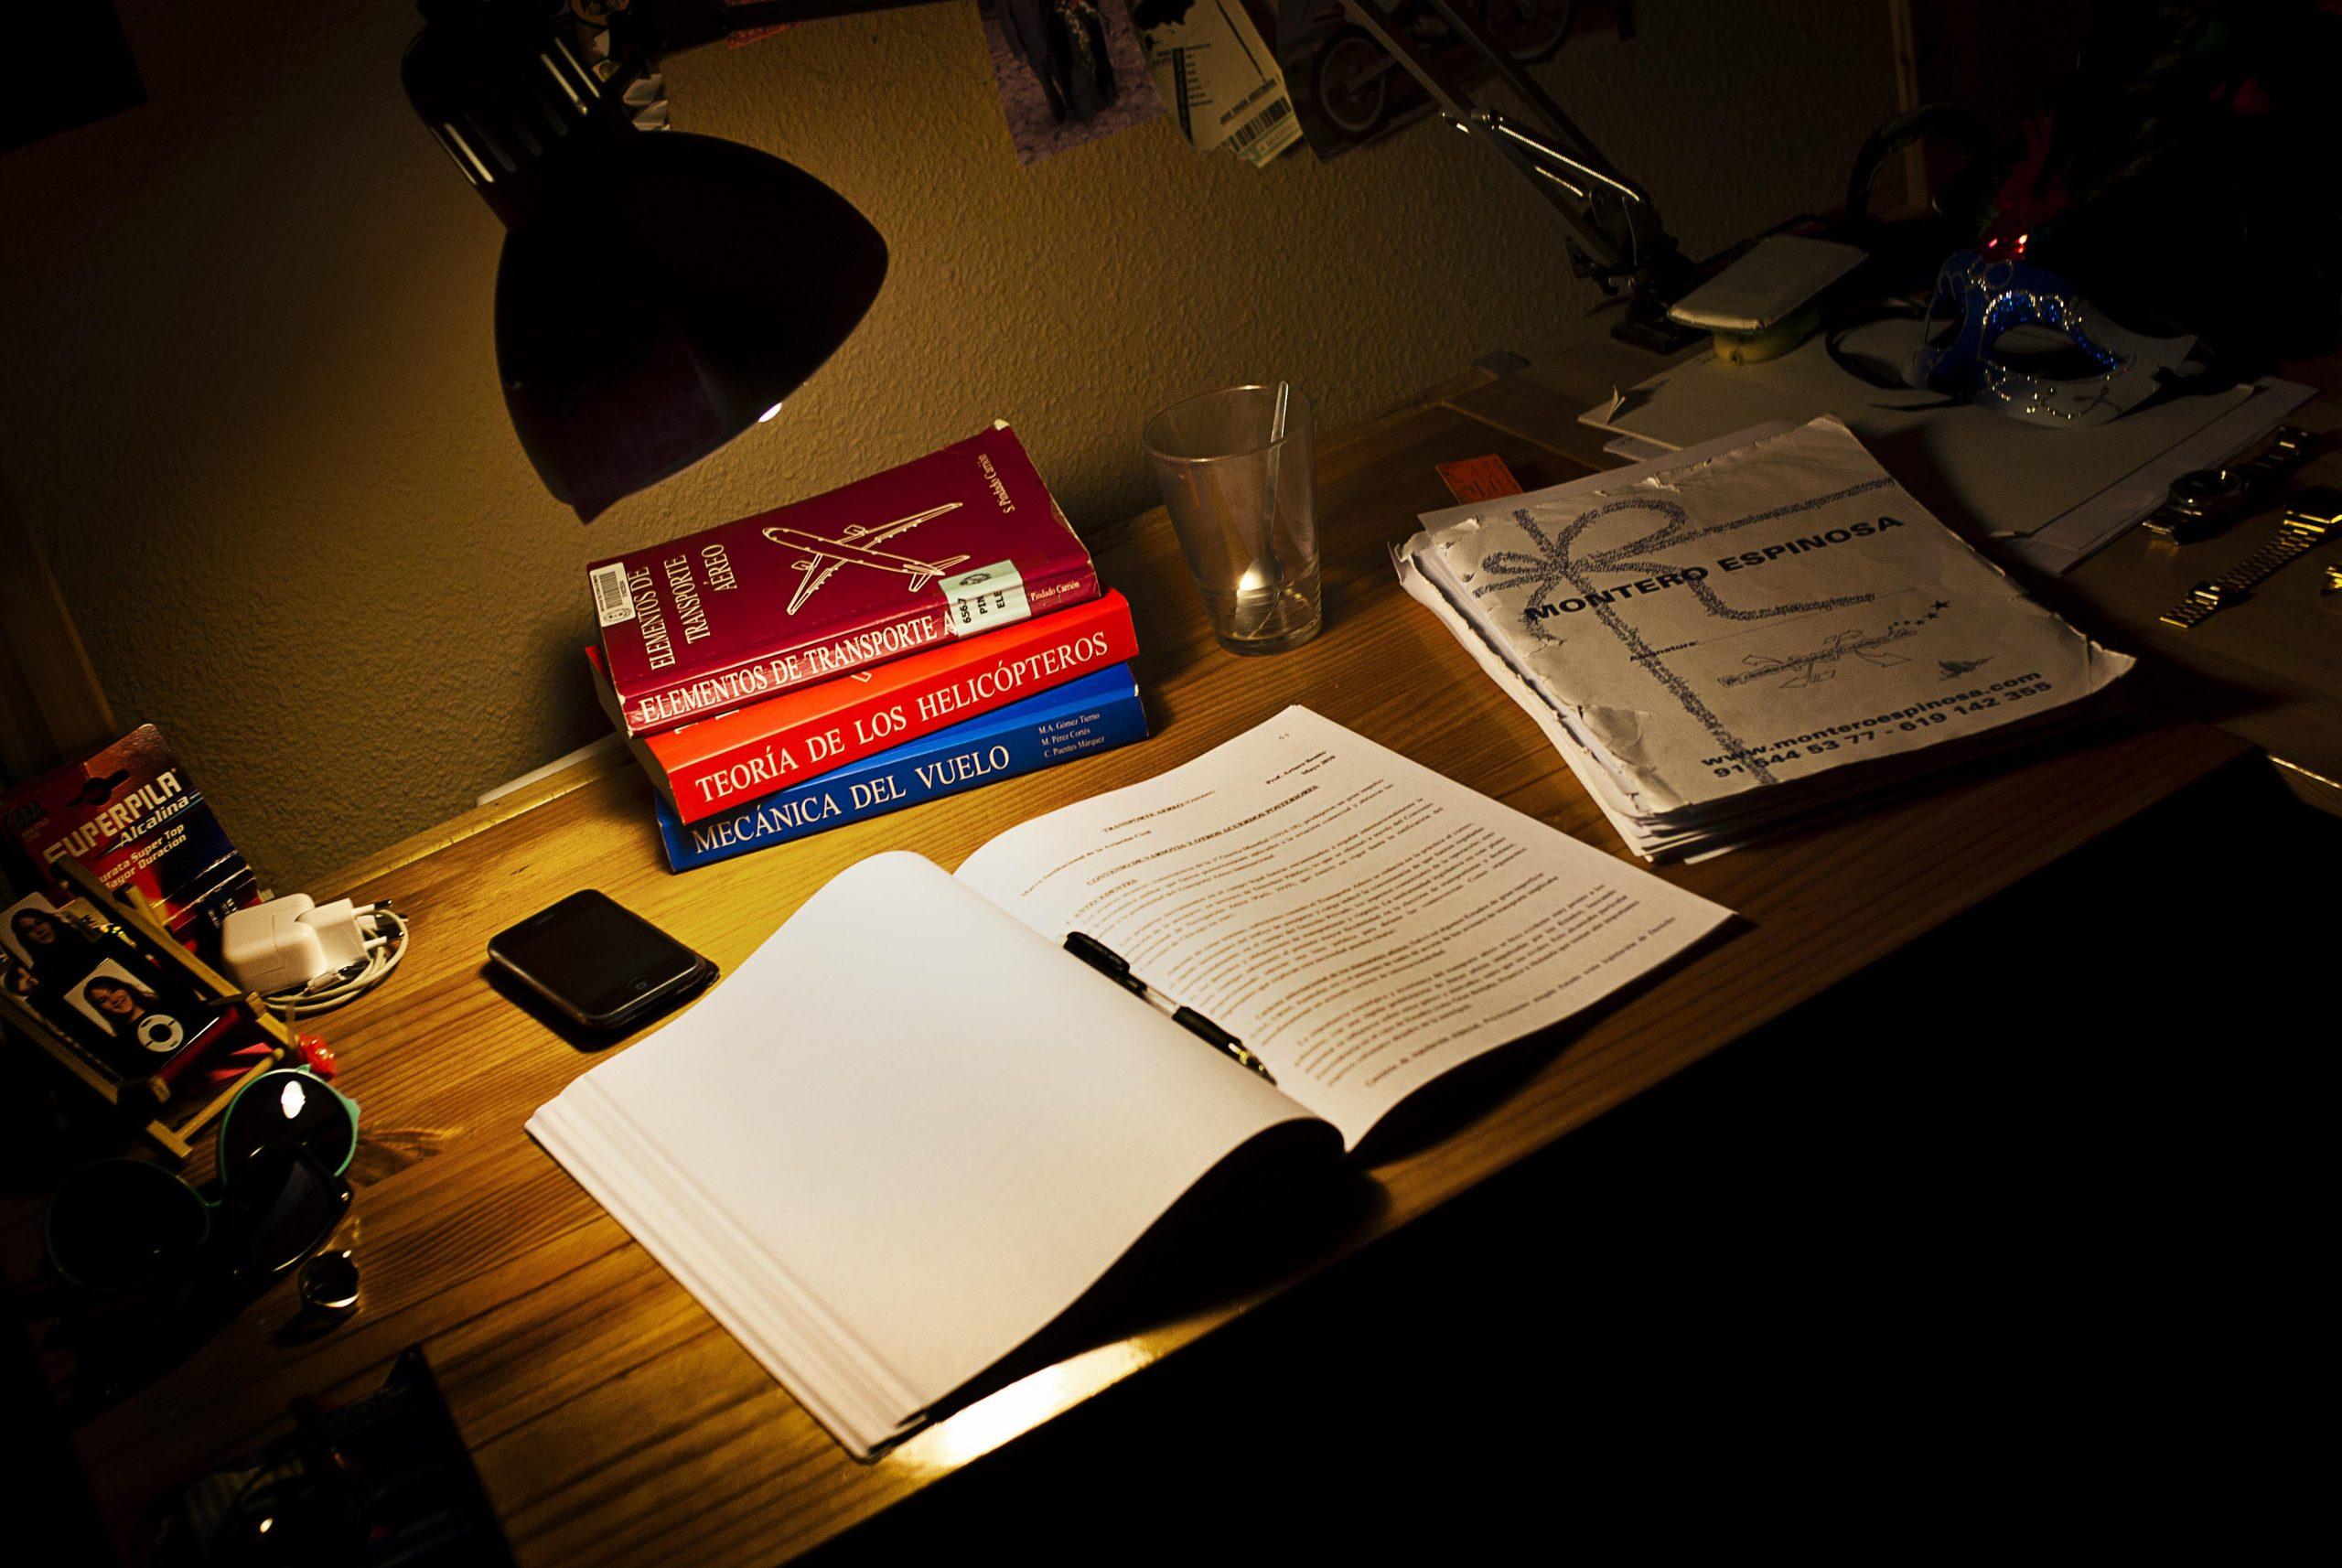 Métodos para concentrarse antes los días de exámenes